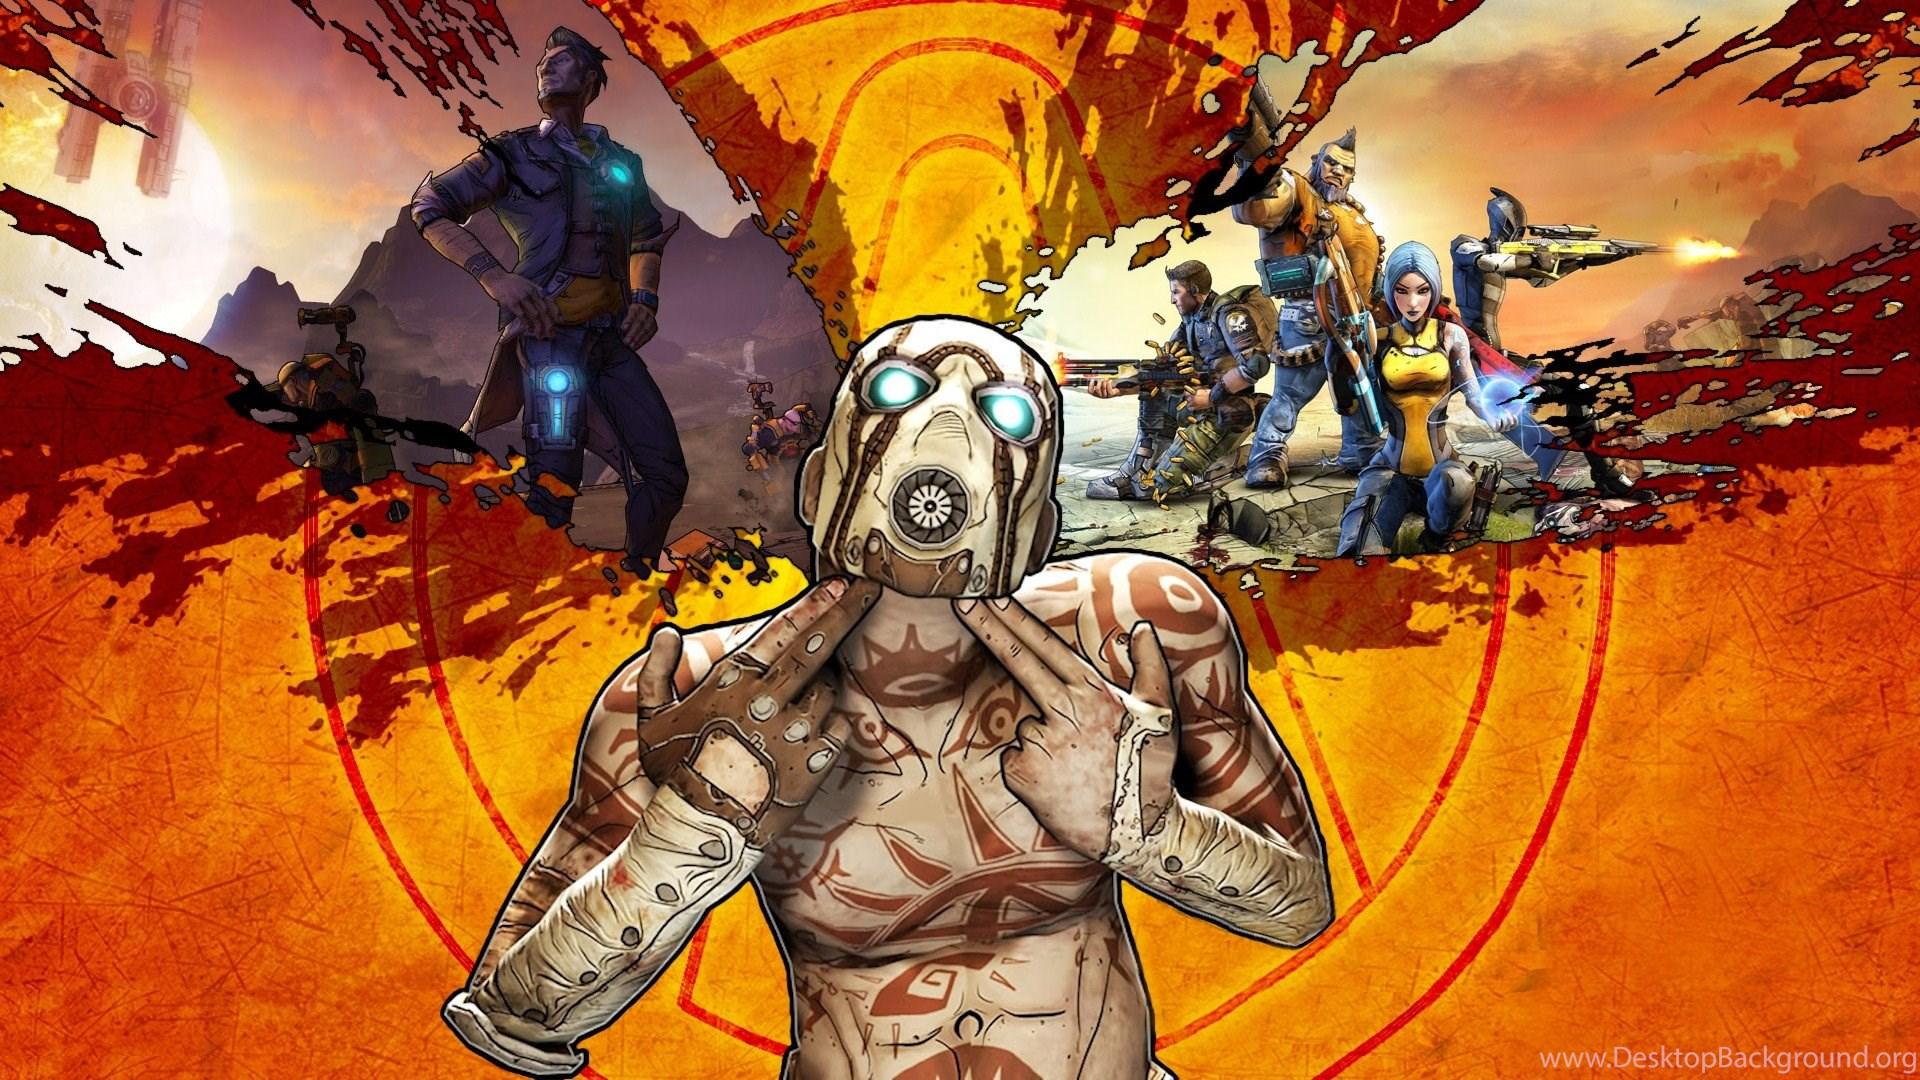 Wallpapers Borderlands 2 Wallpapers 34708181 Fanpop Desktop